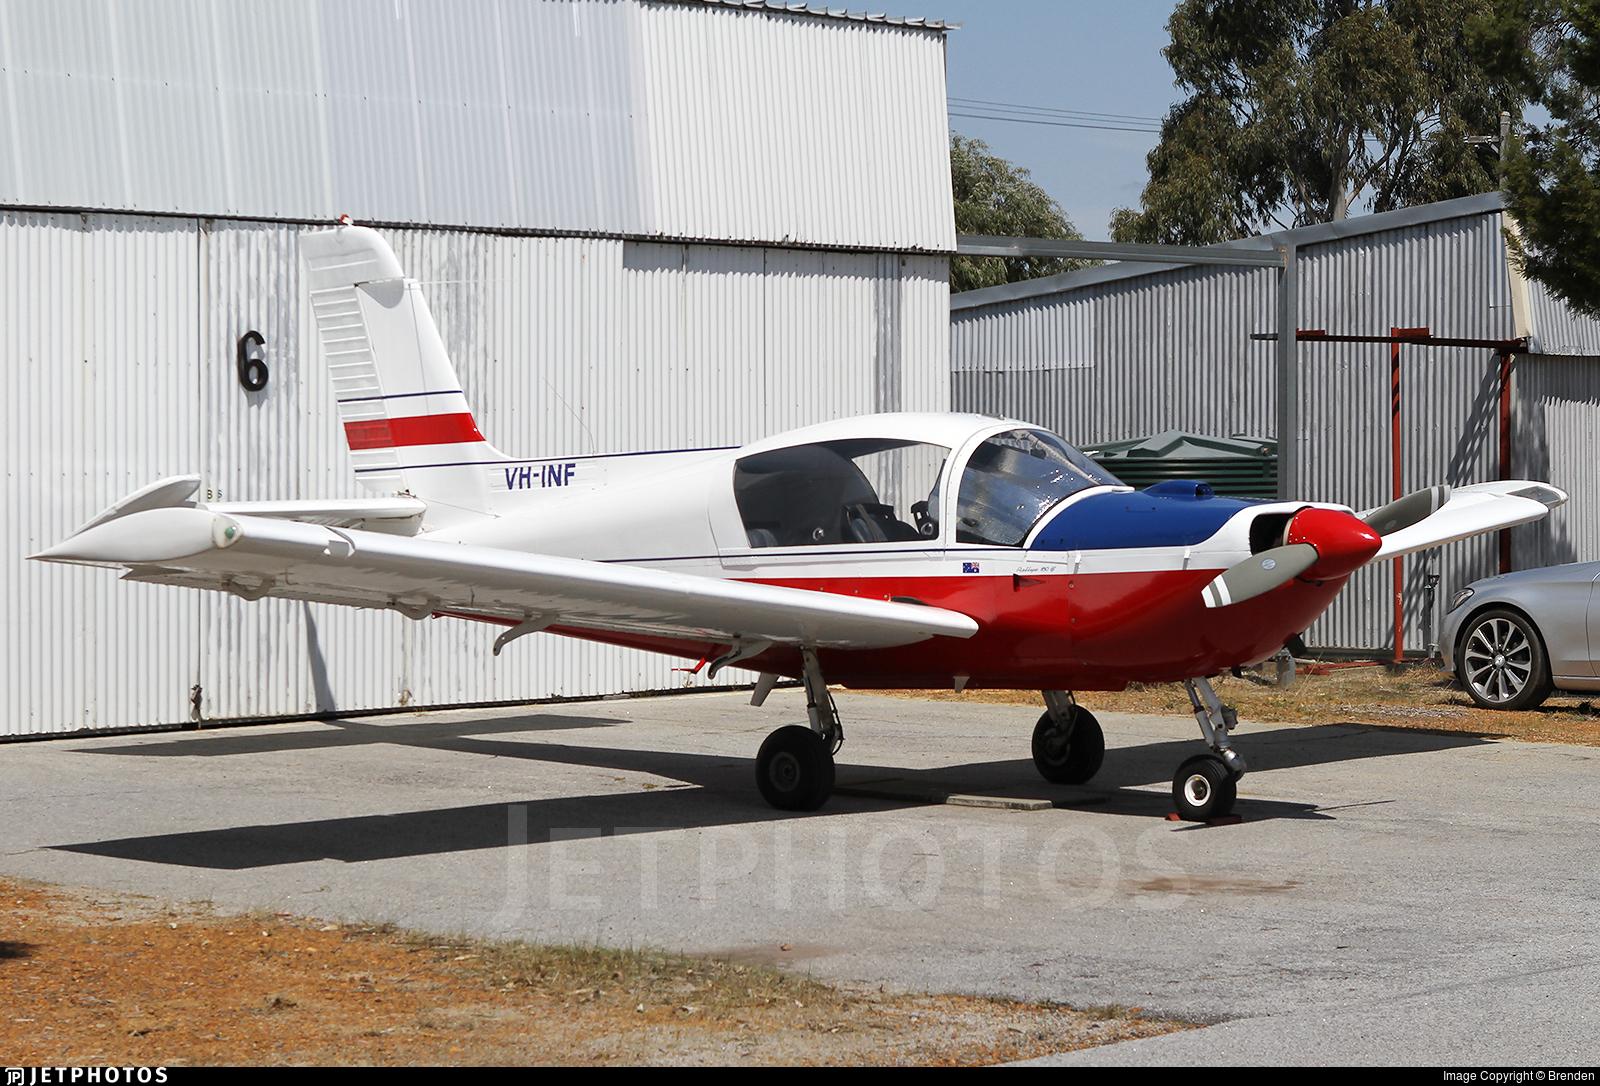 VH-INF - Morane-Saulnier MS-893 - Private